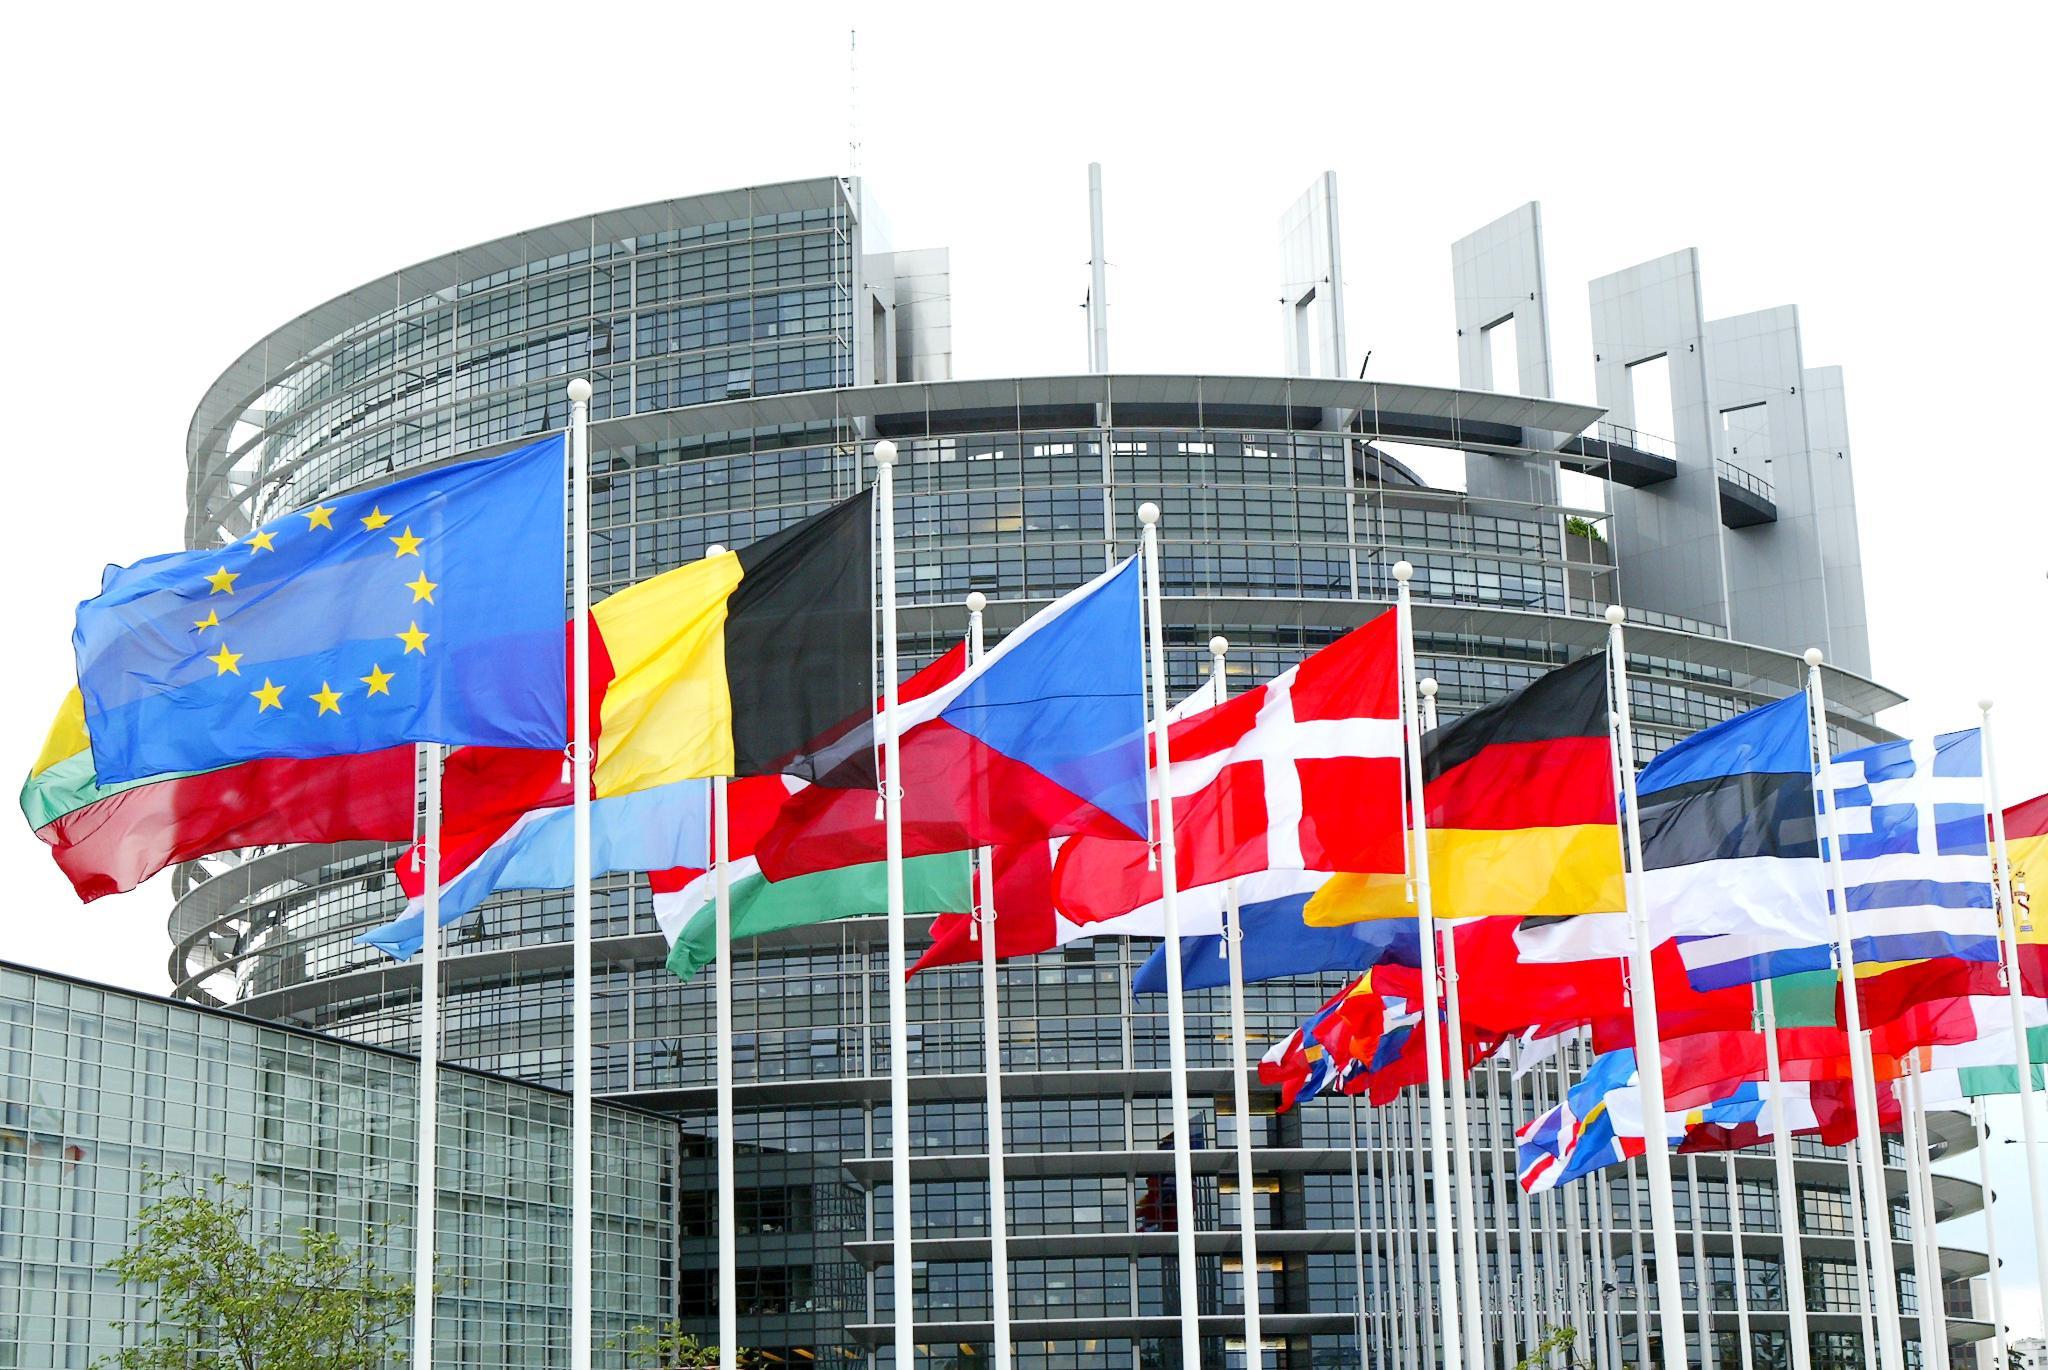 Bejour: la grande sfida del giornalismo (quasi) europeo